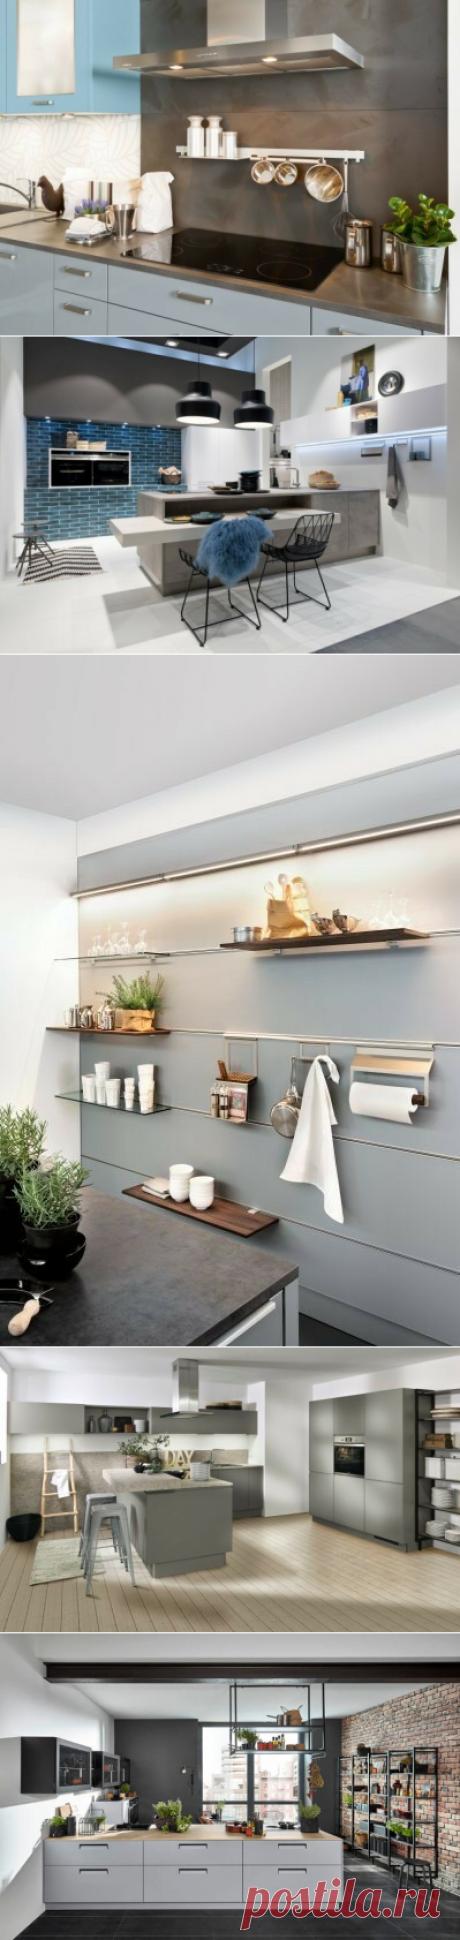 Необычные вешалки и держатели на кухне | Nolte Küchen | Яндекс Дзен